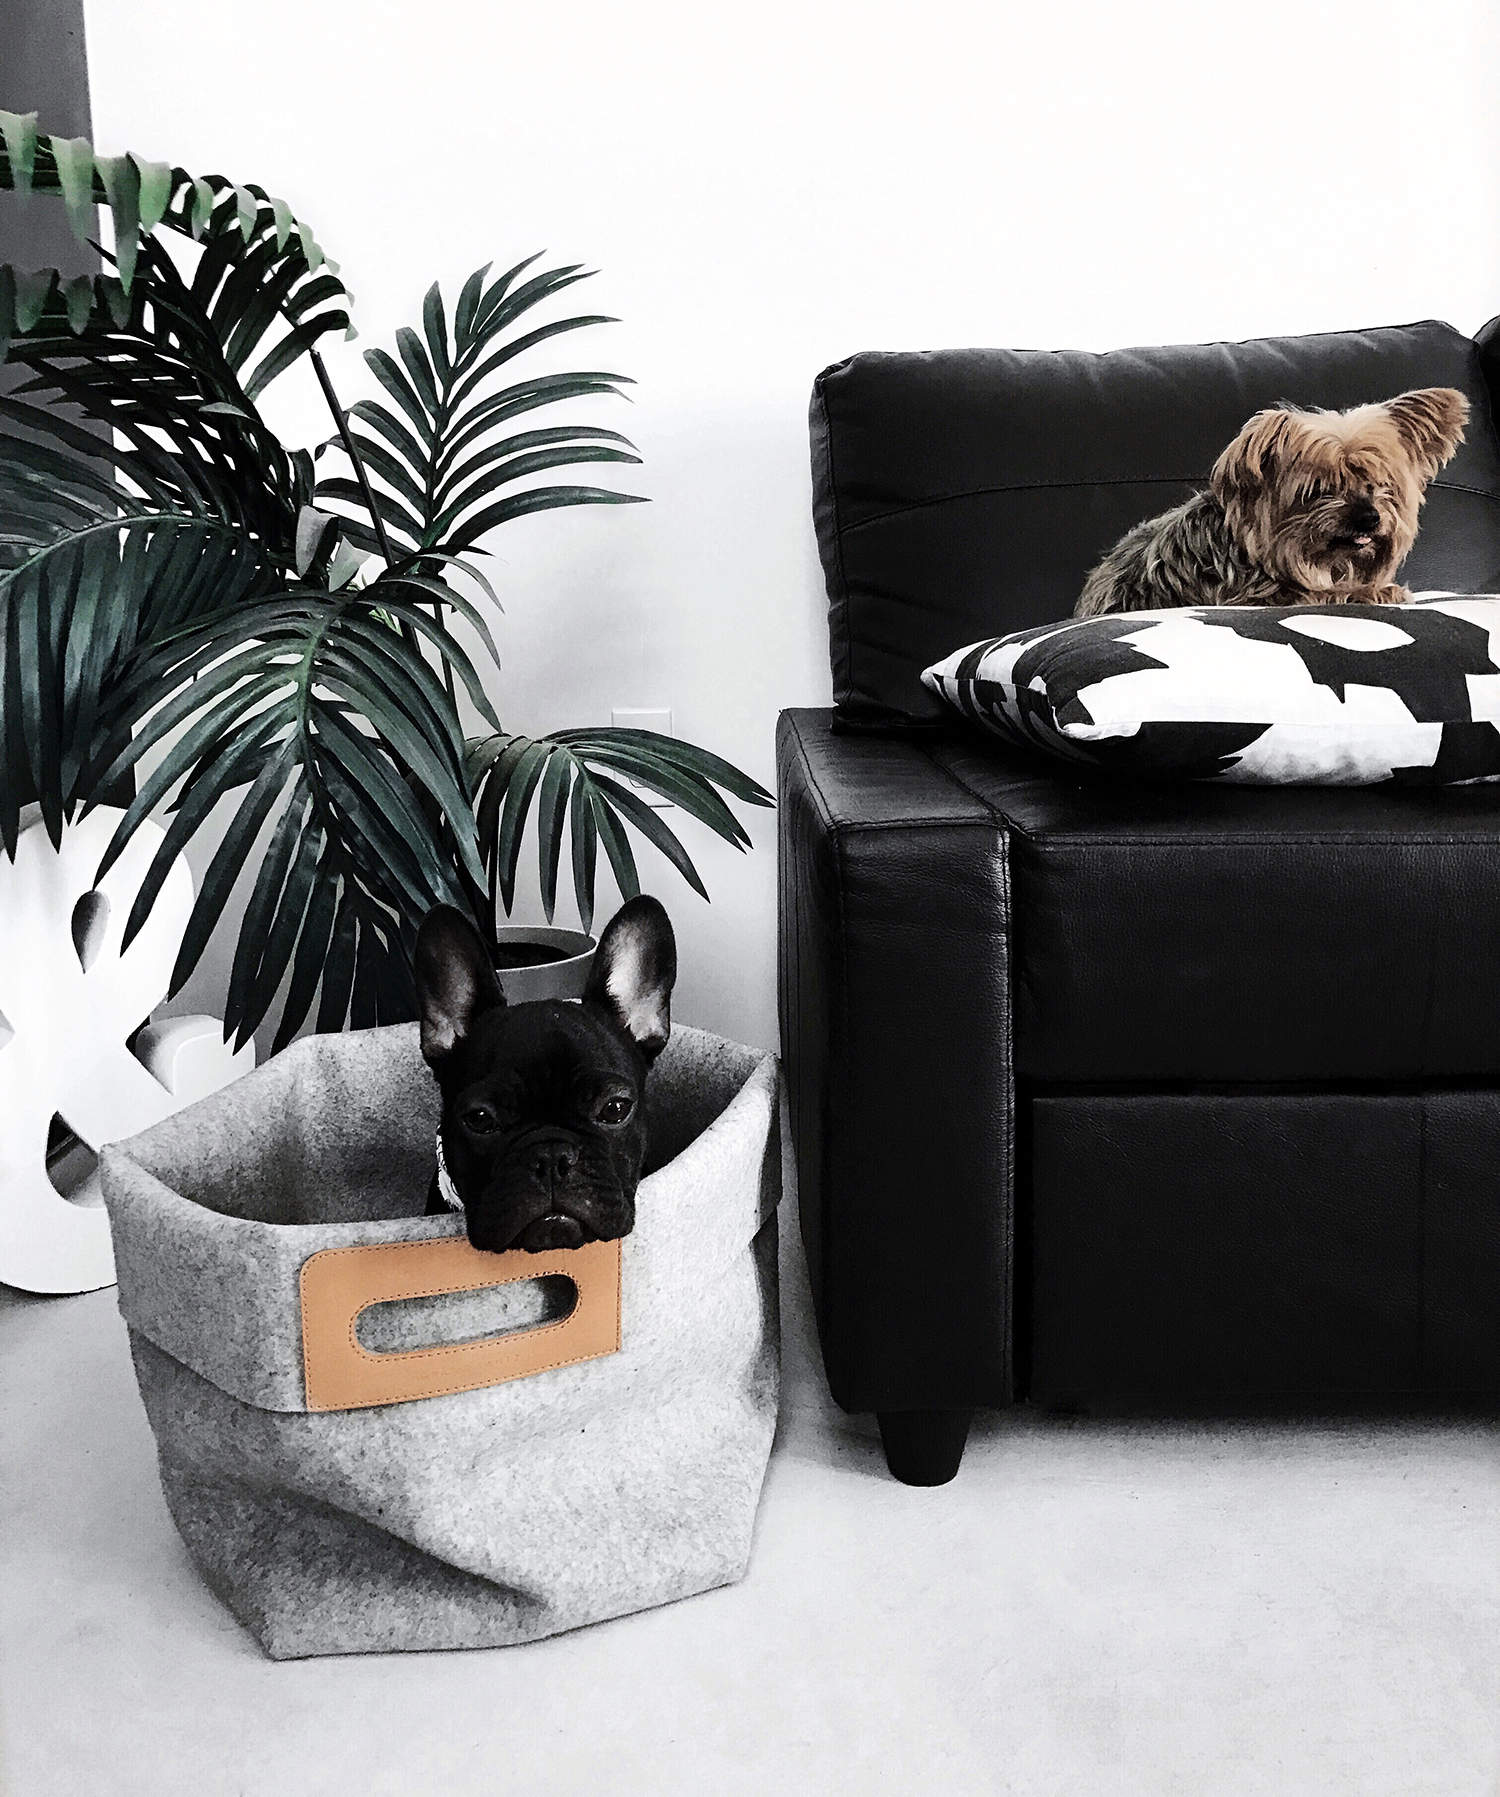 fashionlush, graf lantz, french bulldog, minimal decor